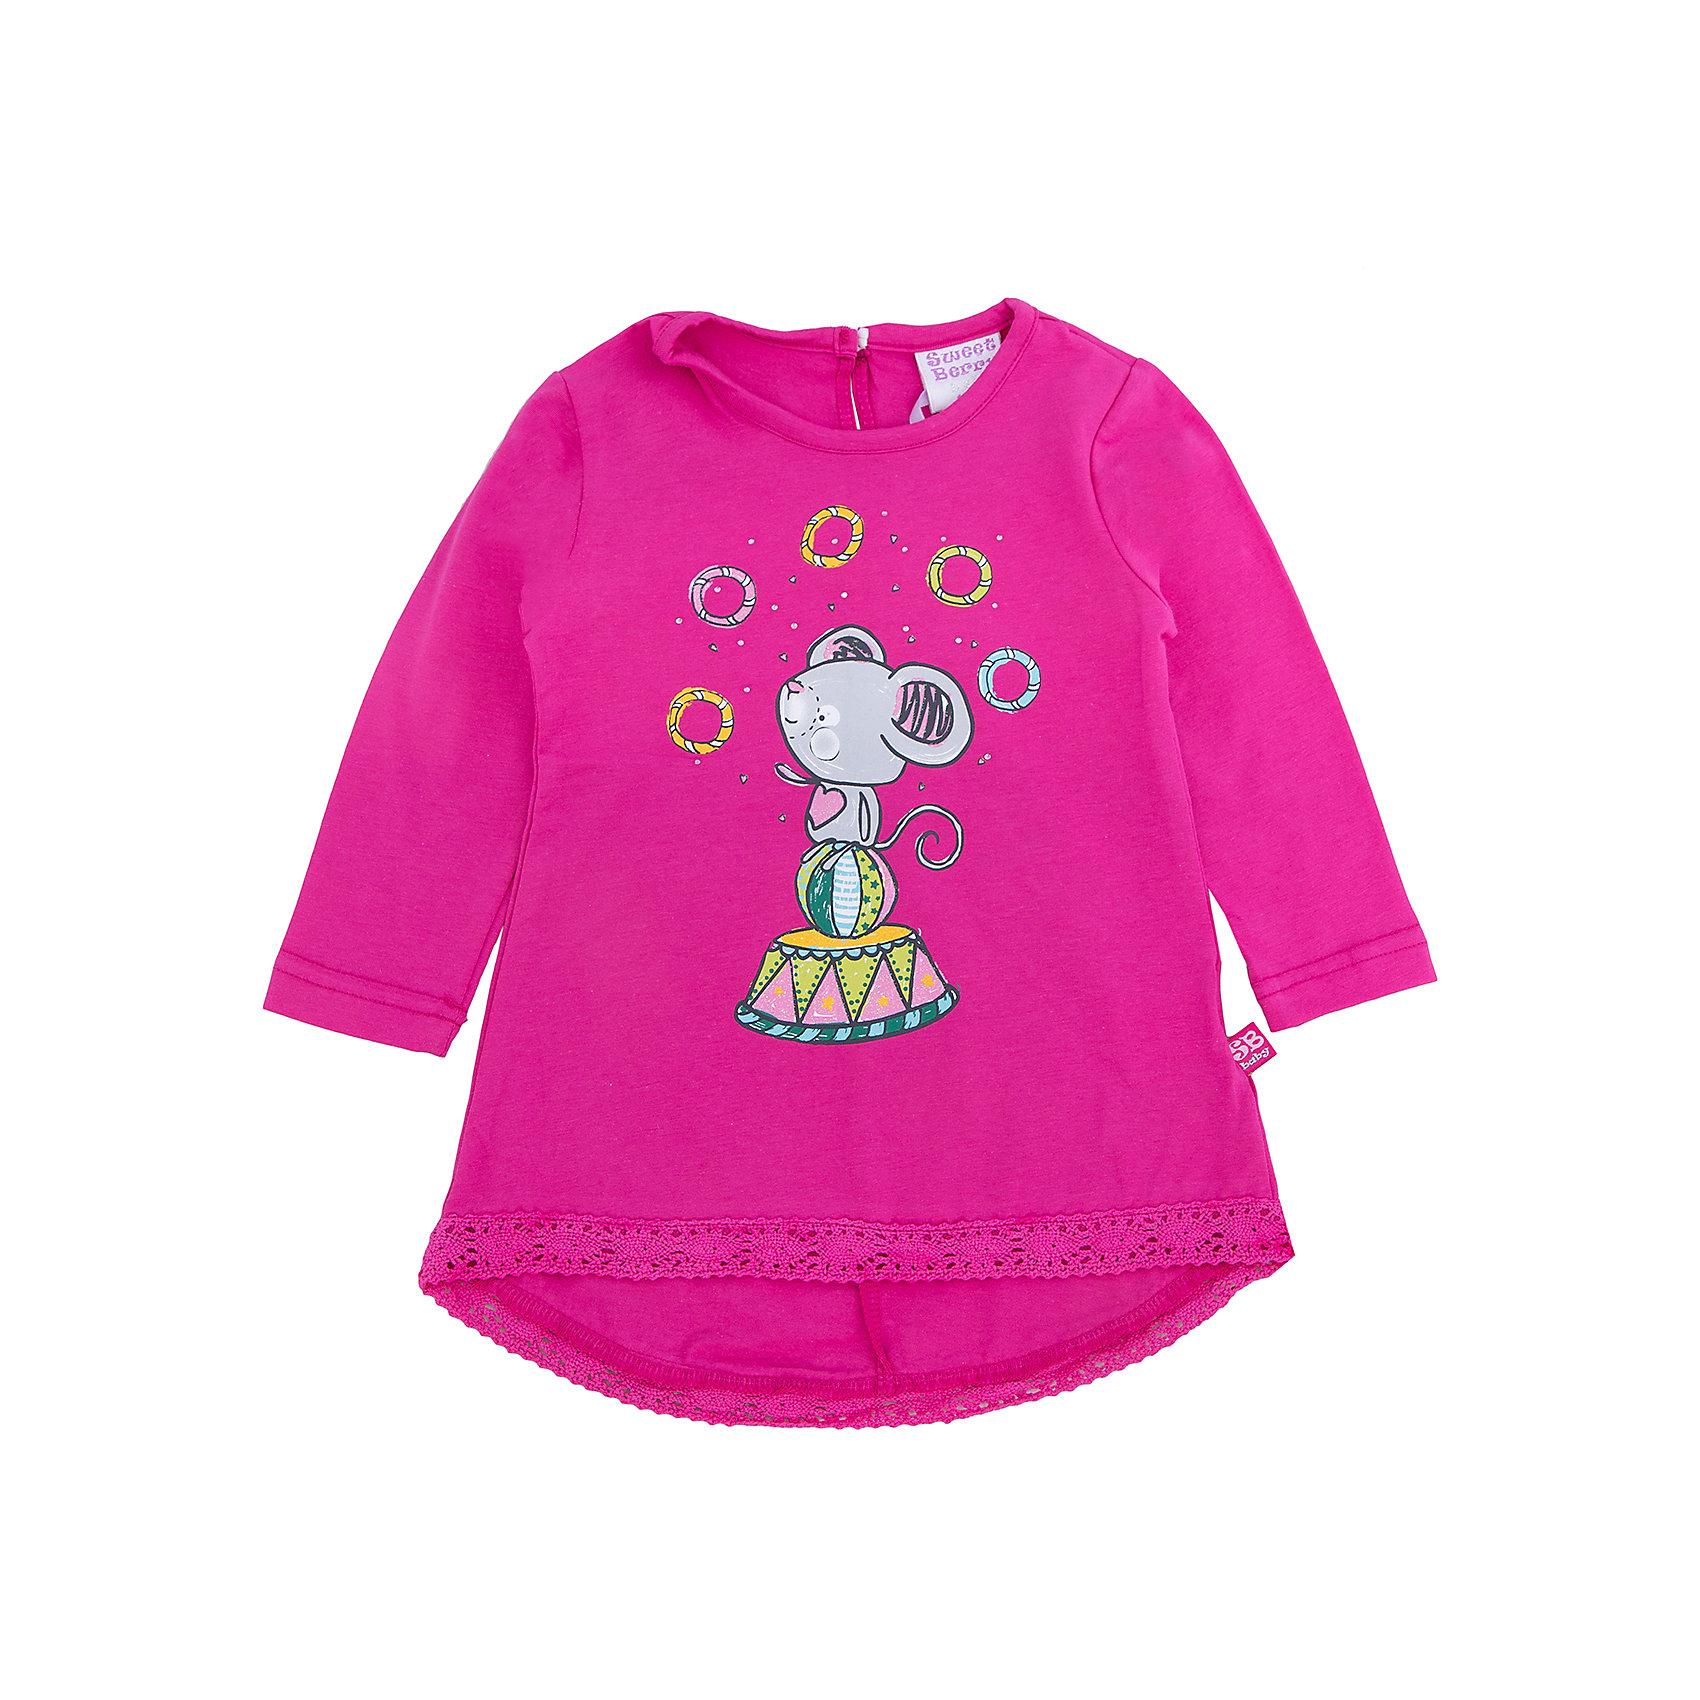 Платье для девочки Sweet BerryПлатья<br>Такое платье отличается модным дизайном с принтом и кружевои по низу. Удачный крой обеспечит ребенку комфорт и тепло. Плотный материал делает вещь идеальной для прохладной погоды. Она хорошо прилегает к телу там, где нужно, и отлично сидит по фигуре. Натуральный хлопок в составе материала обеспечит коже возможность дышать и не вызовет аллергии.<br>Одежда от бренда Sweet Berry - это простой и выгодный способ одеть ребенка удобно и стильно. Всё изделия тщательно проработаны: швы - прочные, материал - качественный, фурнитура - подобранная специально для детей.<br><br>Дополнительная информация:<br><br>цвет: розовый;<br>материал: 60% хлопок, 40% акрил;<br>декорировано принтом и кружевом.<br><br>Платье для девочки от бренда Sweet Berry можно купить в нашем интернет-магазине.<br><br>Ширина мм: 236<br>Глубина мм: 16<br>Высота мм: 184<br>Вес г: 177<br>Цвет: розовый<br>Возраст от месяцев: 12<br>Возраст до месяцев: 18<br>Пол: Женский<br>Возраст: Детский<br>Размер: 86,98,80,92<br>SKU: 4931278